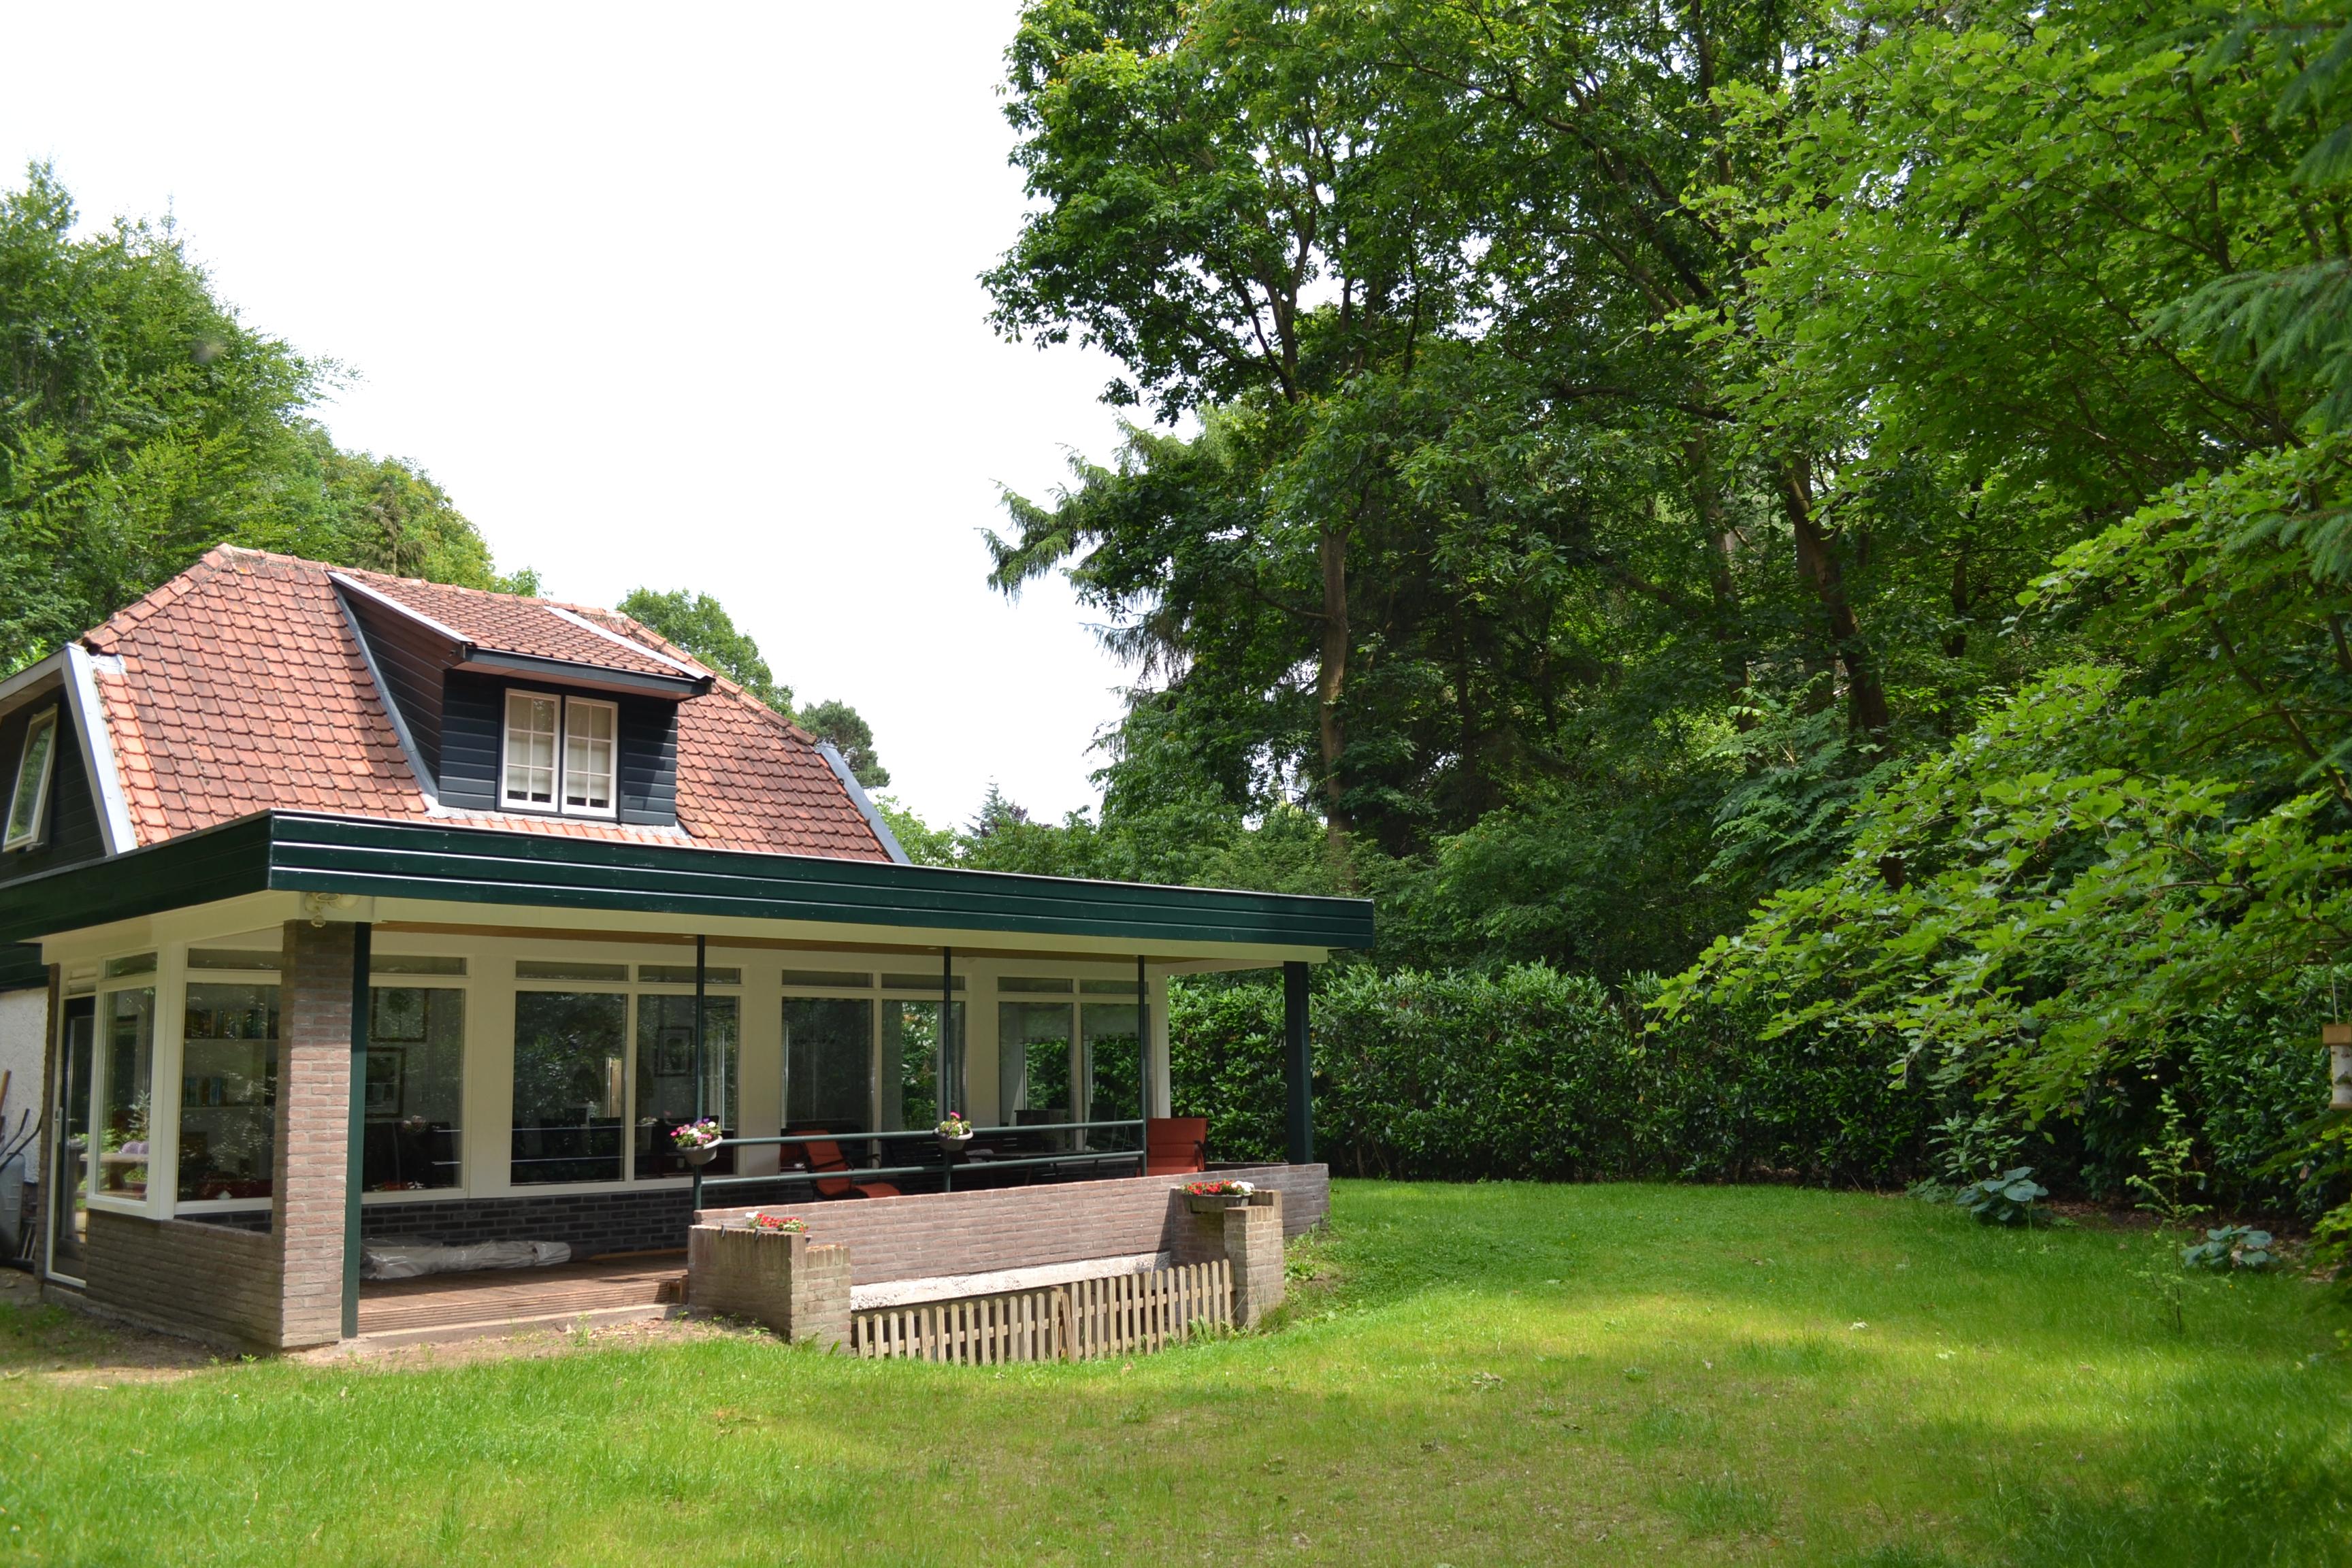 achterkant huis met tuin